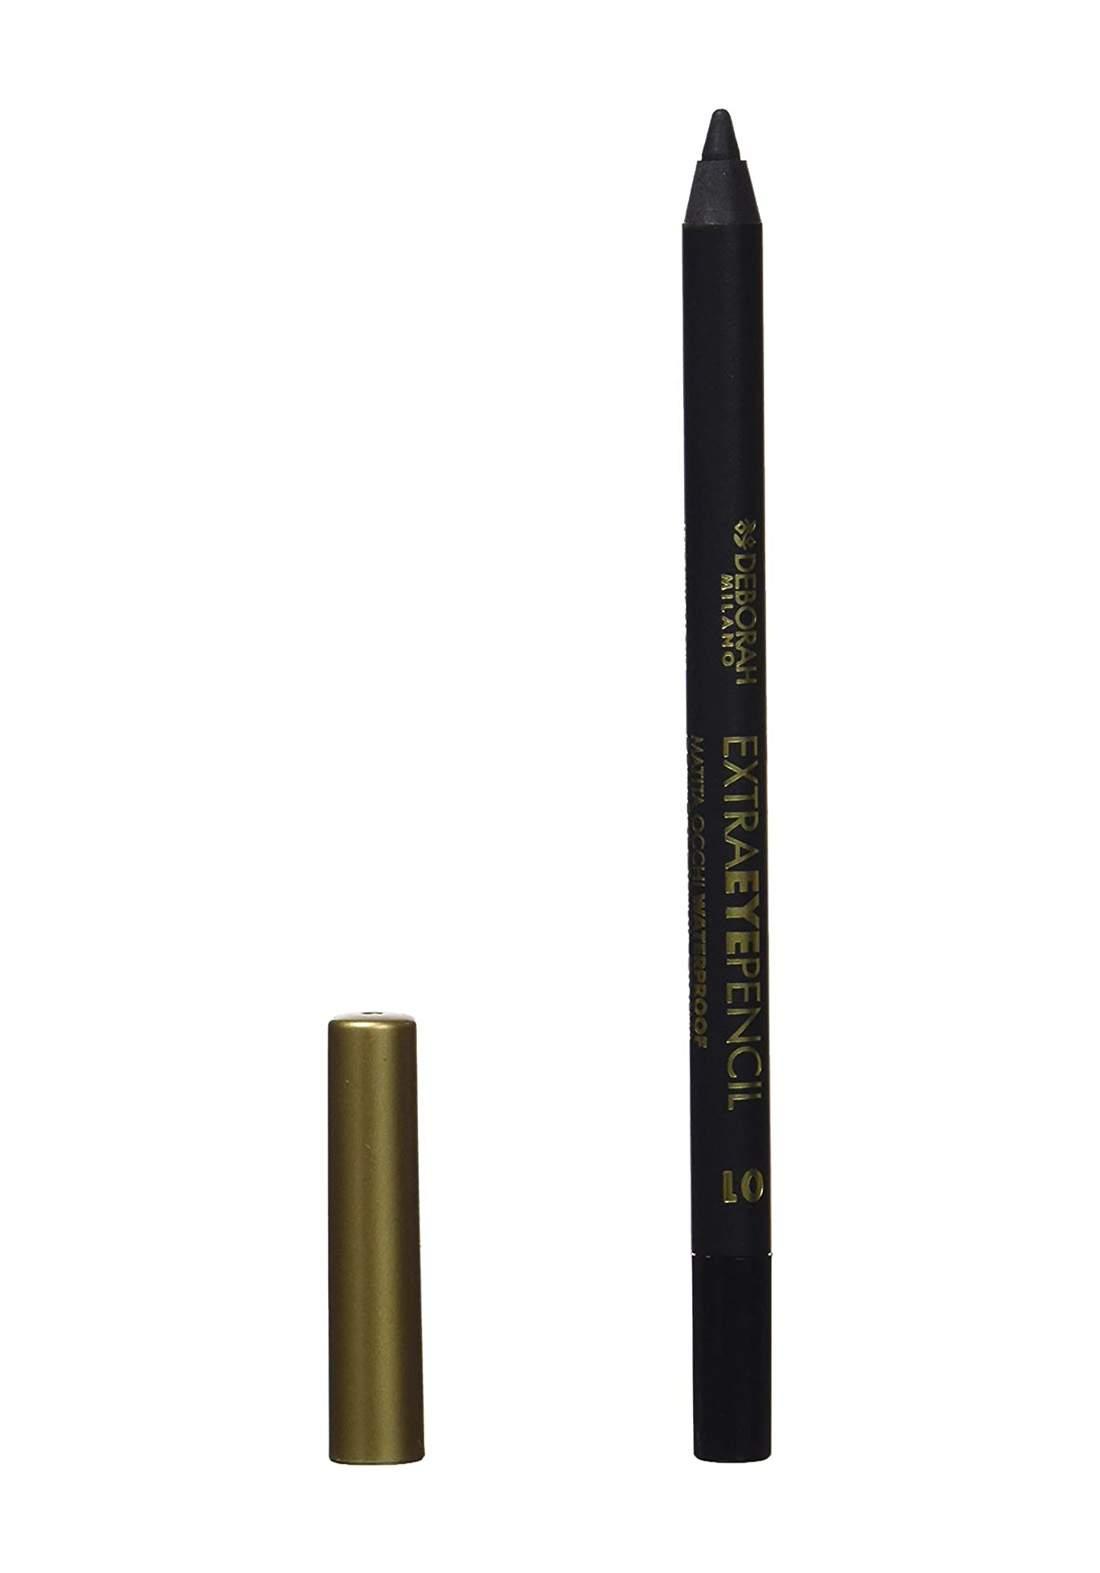 Deborah Milano Extra Pencil Eye Pencil 01 قلم كحل